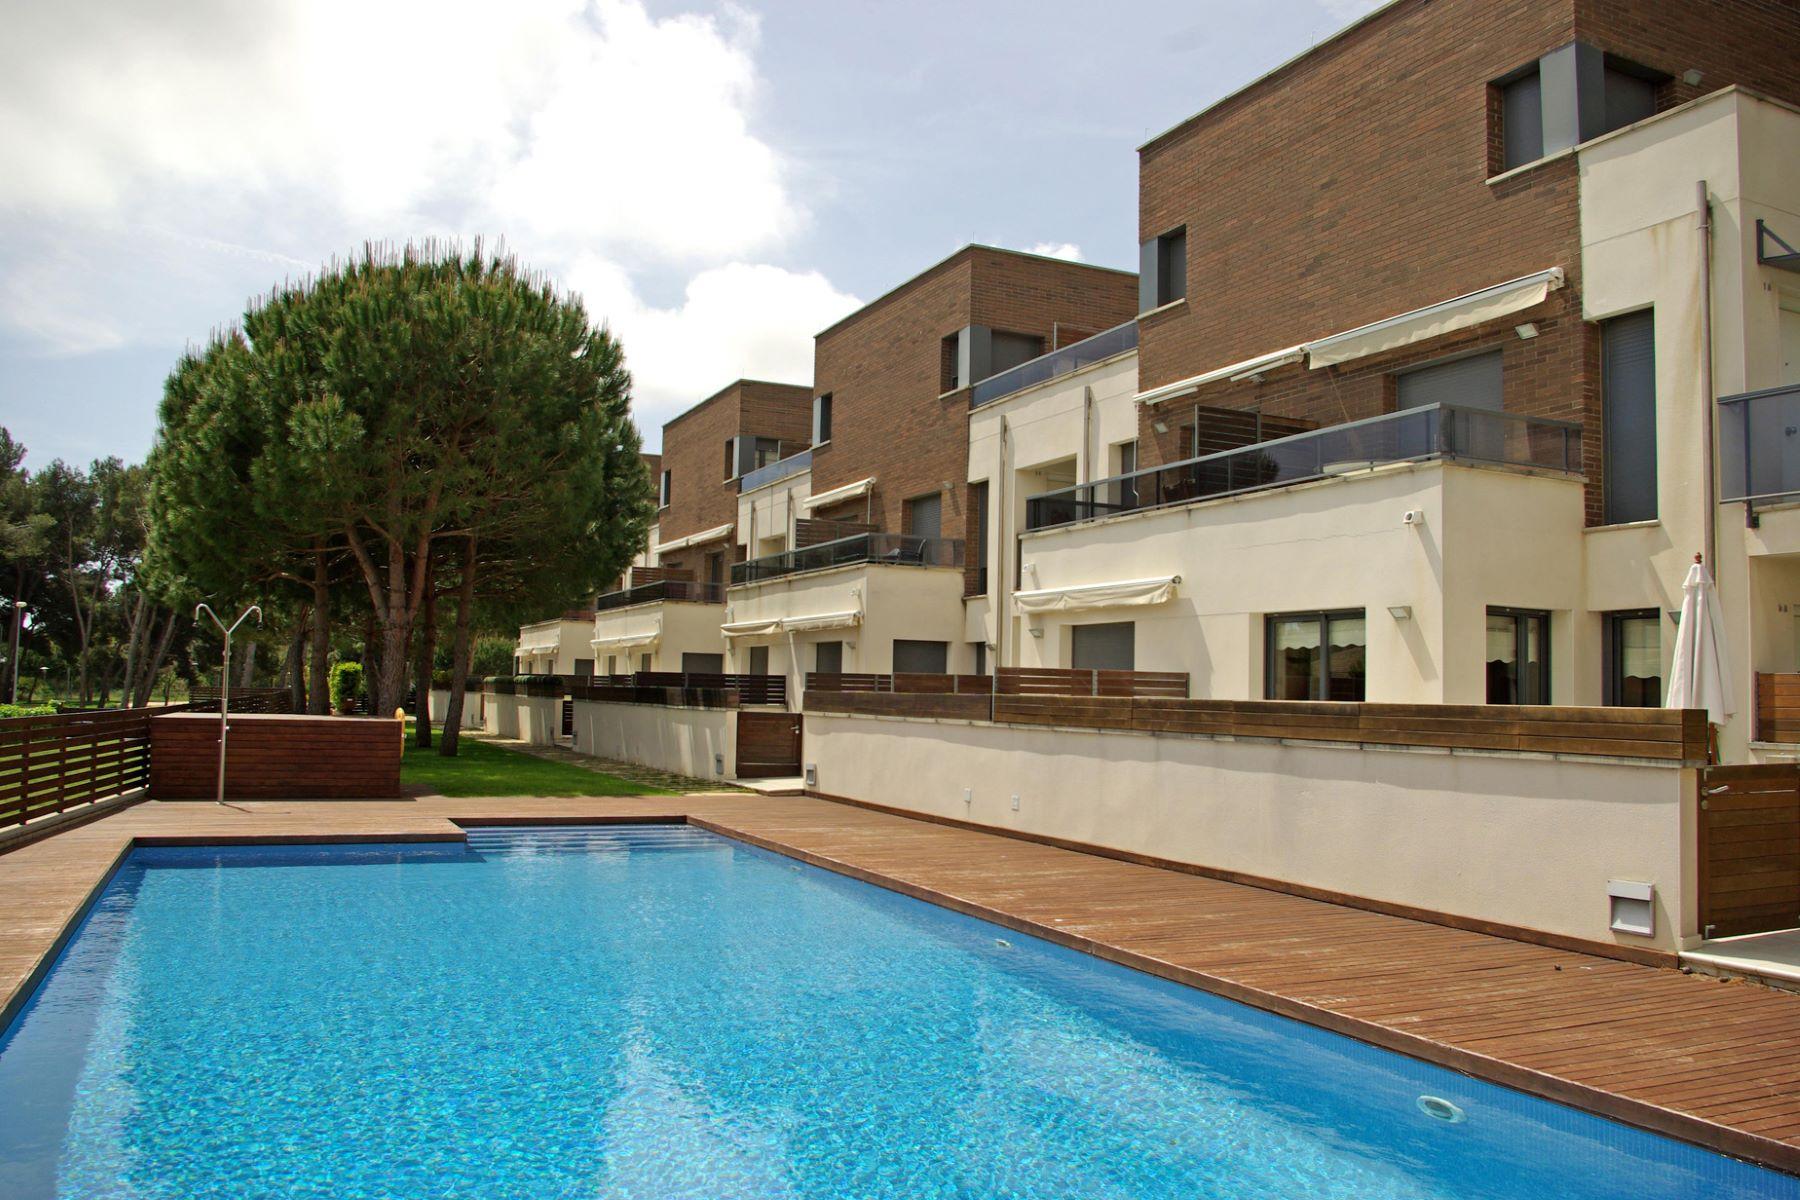 Apartamento para Venda às Modern apartment in quiet area of S'Agaró S'Agaro, Costa Brava, 17248 Espanha